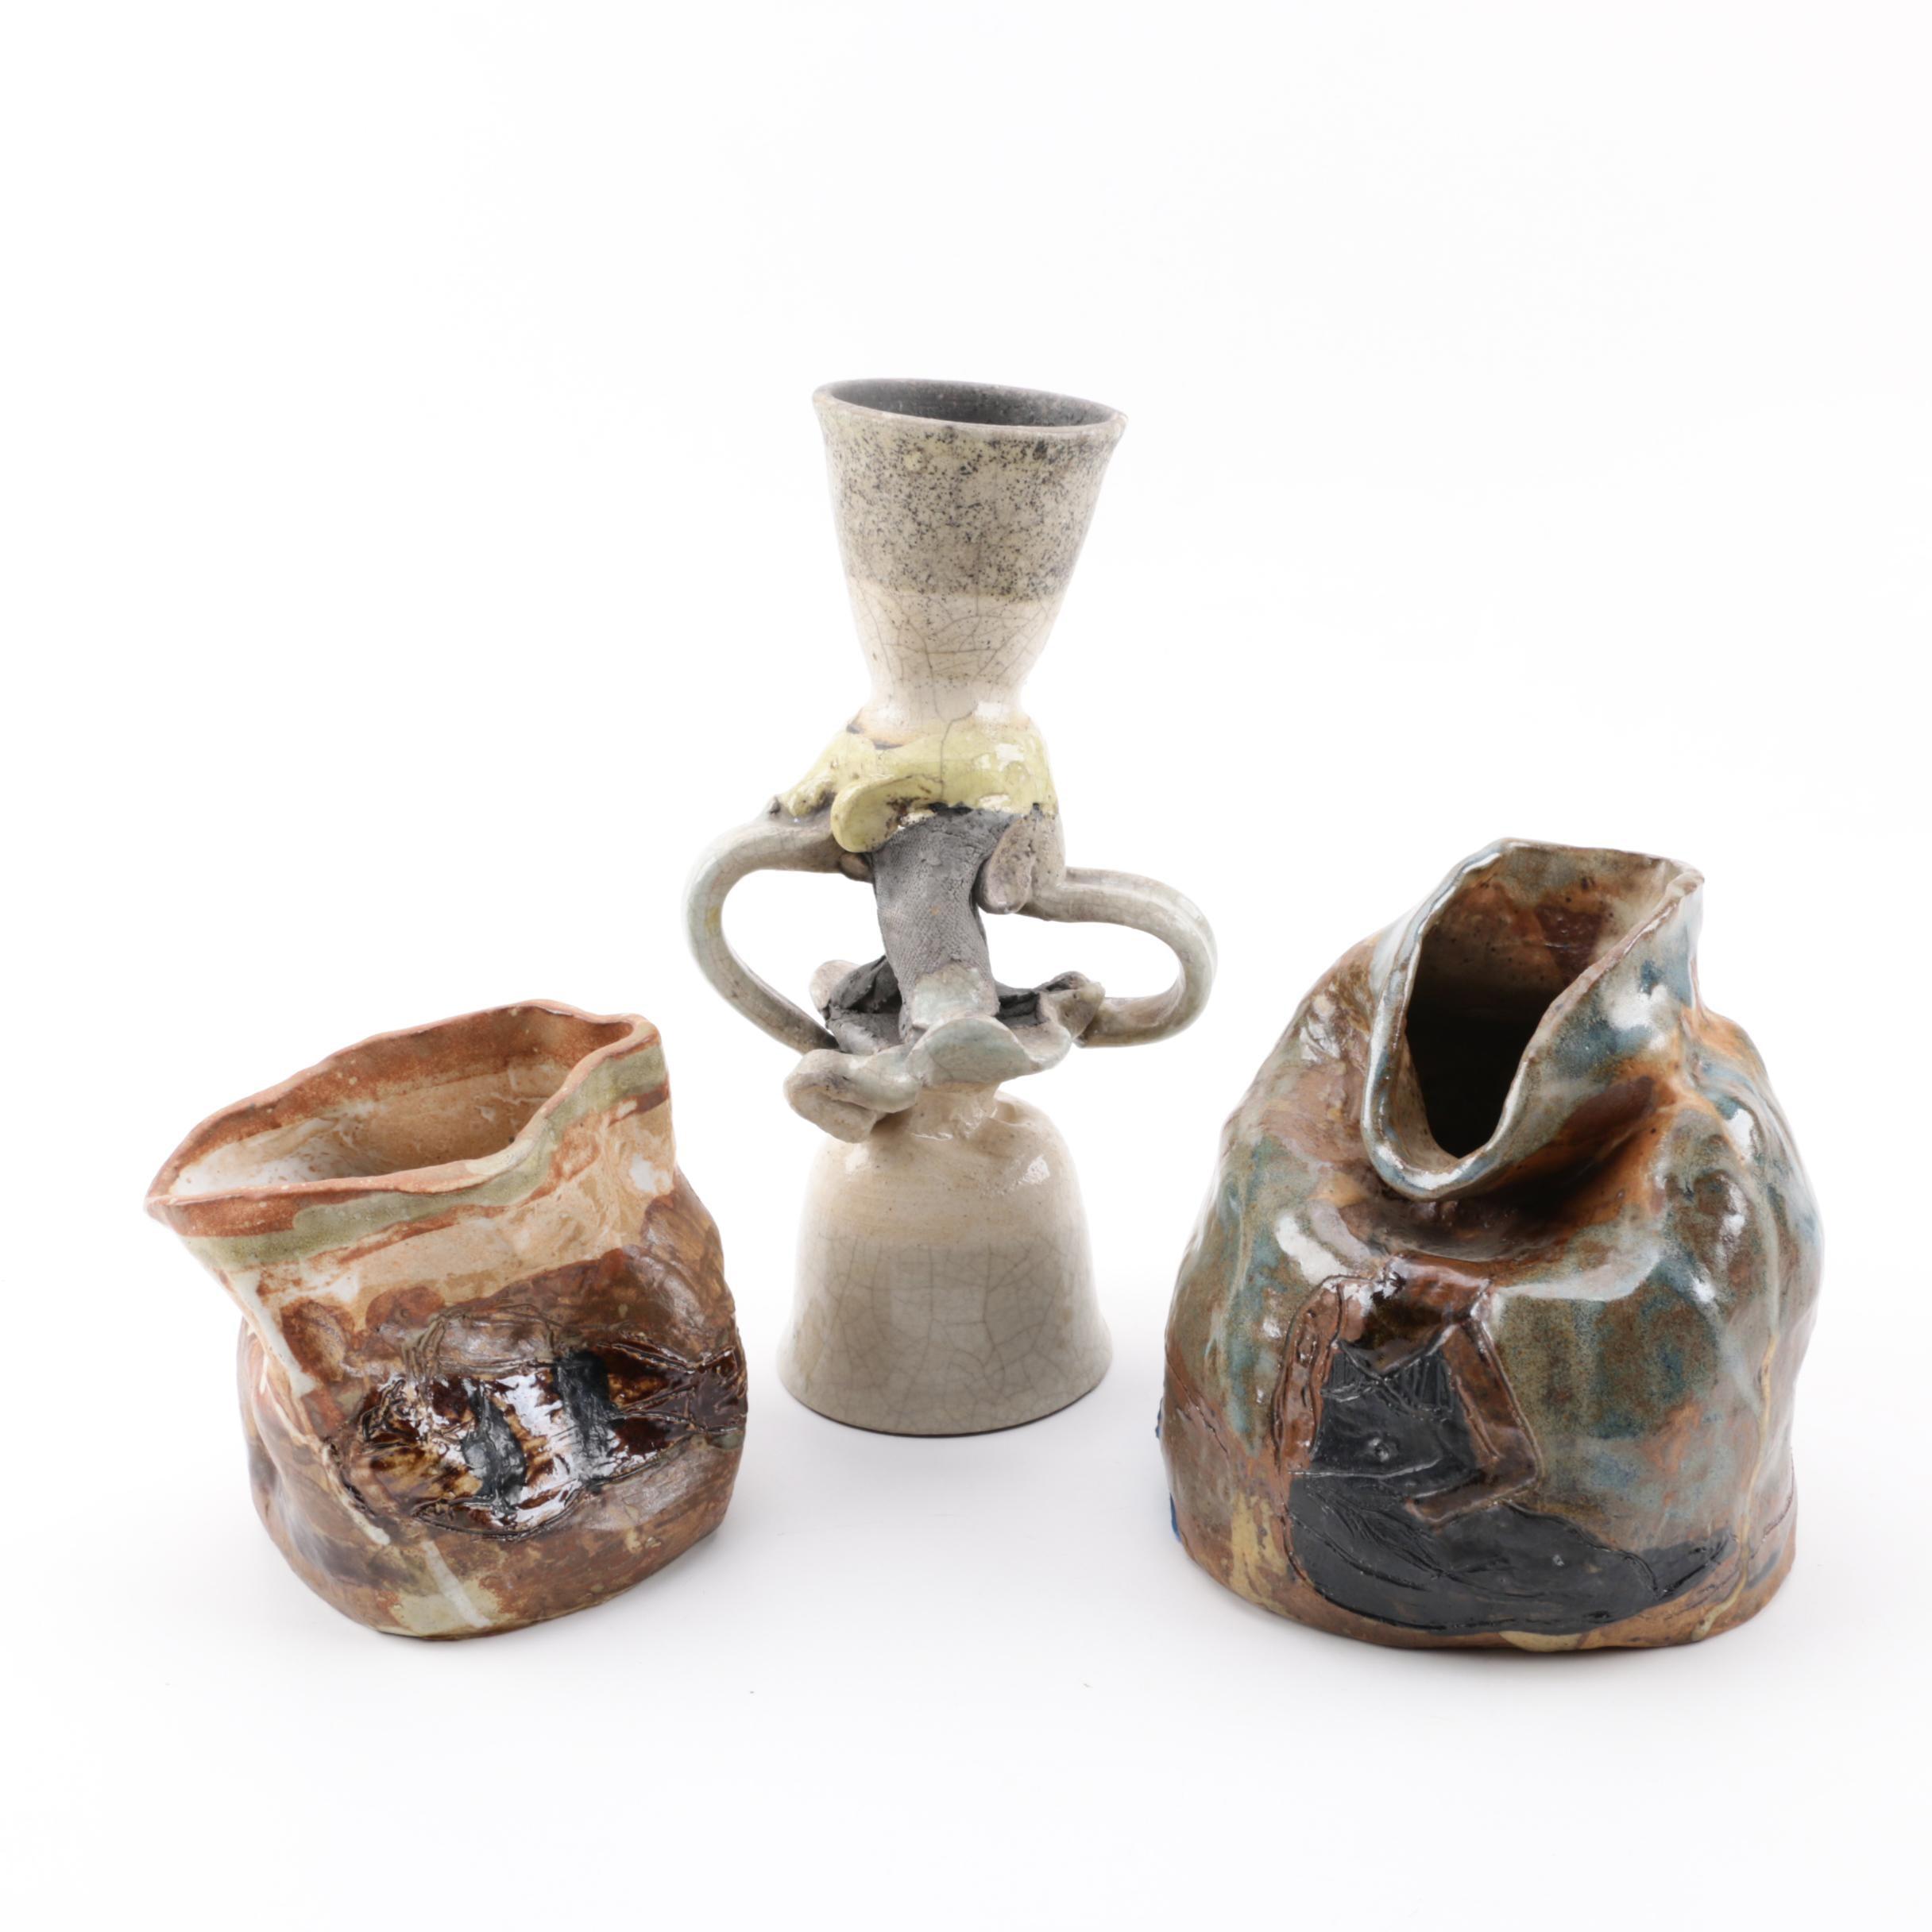 Handbuilt and Raku Fired Pottery